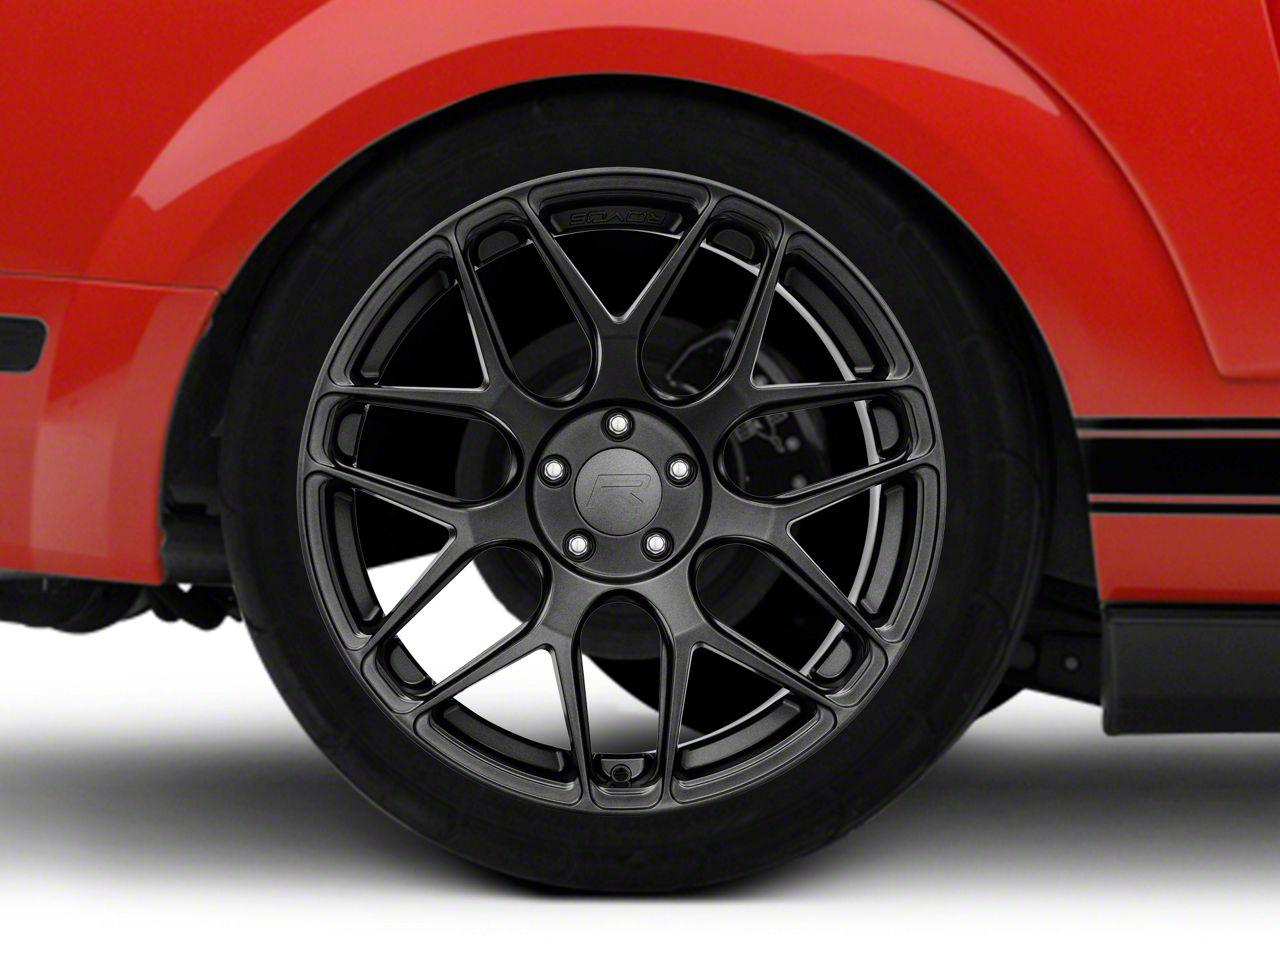 Rovos Pretoria Gunmetal Wheel - 20x10 - Rear Only (05-14 All)